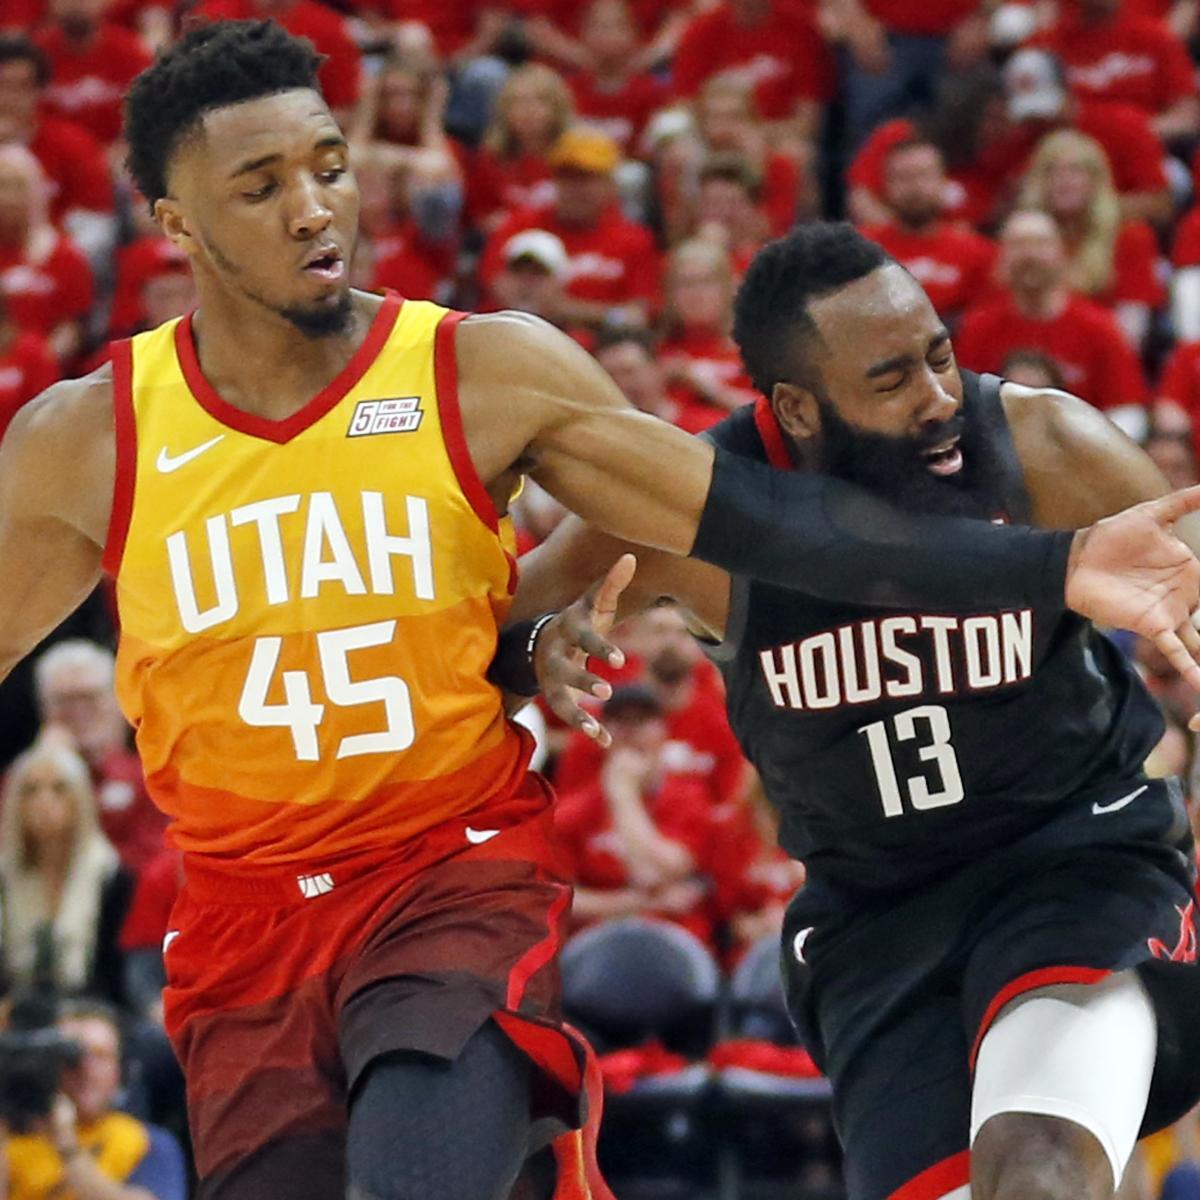 Rockets Jazz Game 2: Rockets Win Game 3 Vs. Donovan Mitchell, Jazz Despite